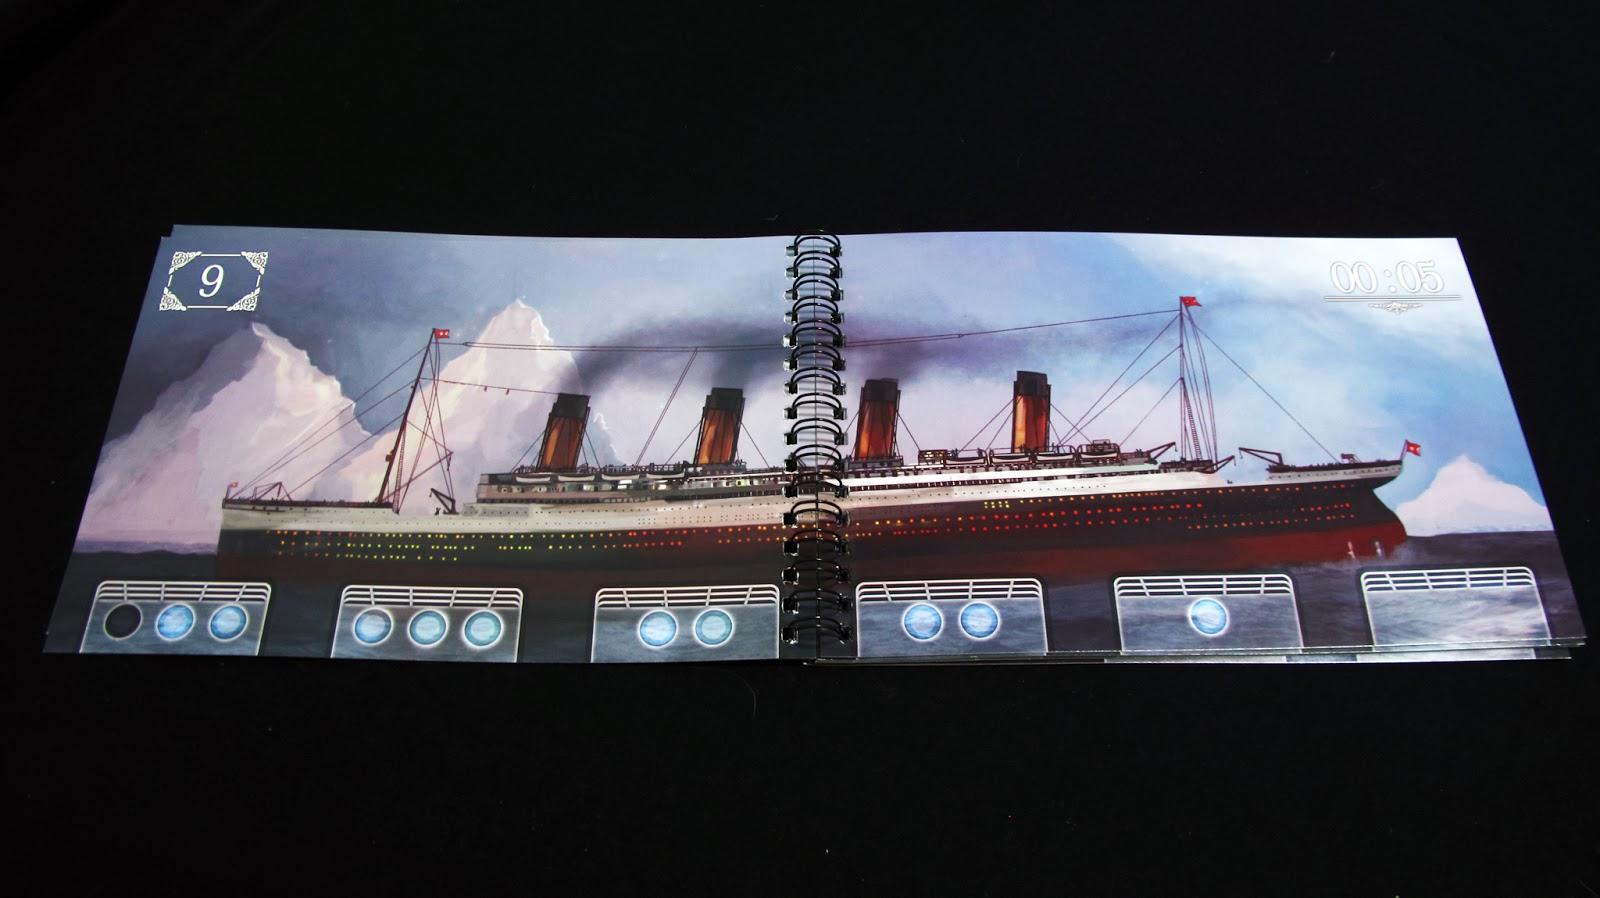 【介紹+開箱+規則】SOS Titanic 拯救鐵達尼